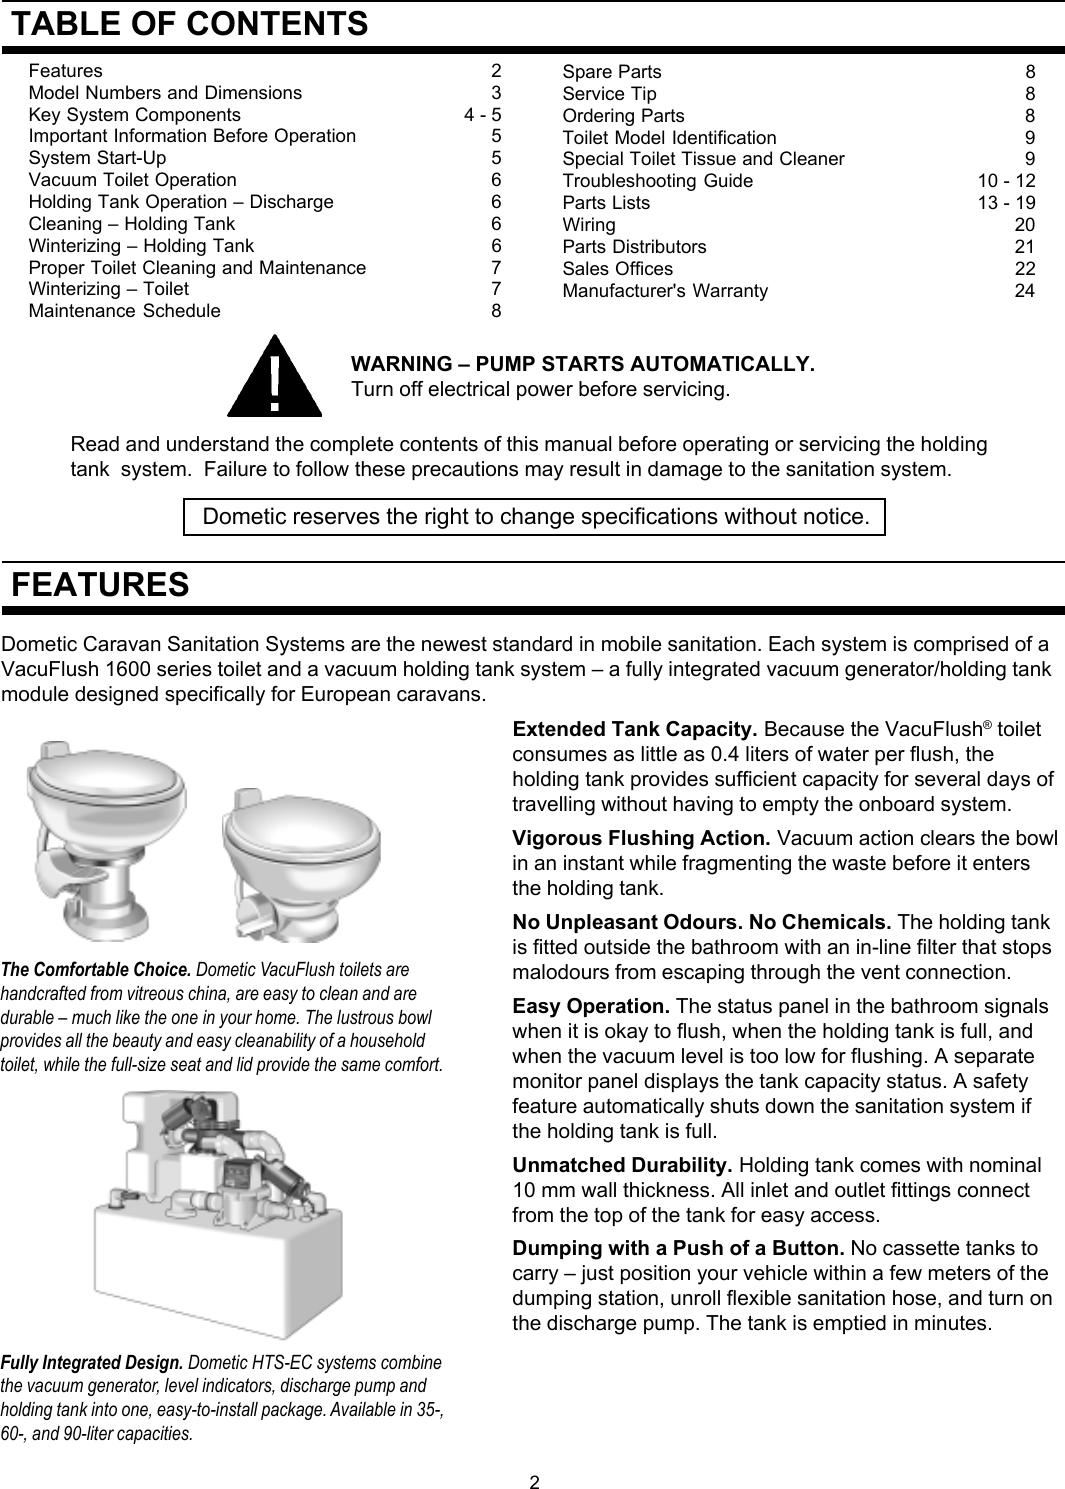 Kawasaki 1600 Caravan Sanitation OM p65 User Manual To The